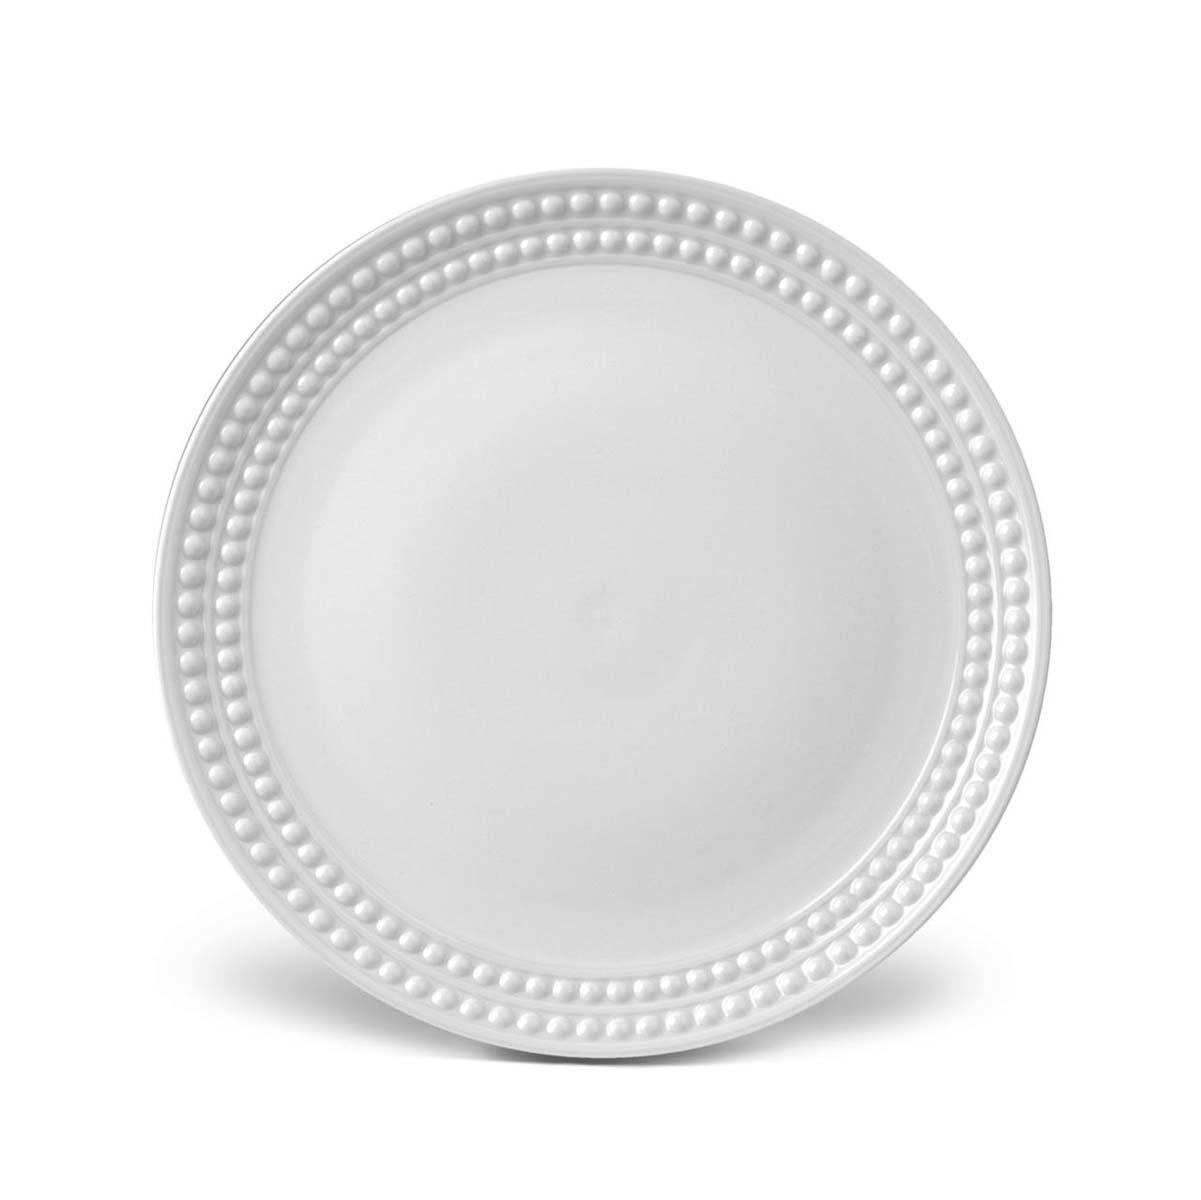 L'Objet - Perlee 24K Gold Dinner Plate